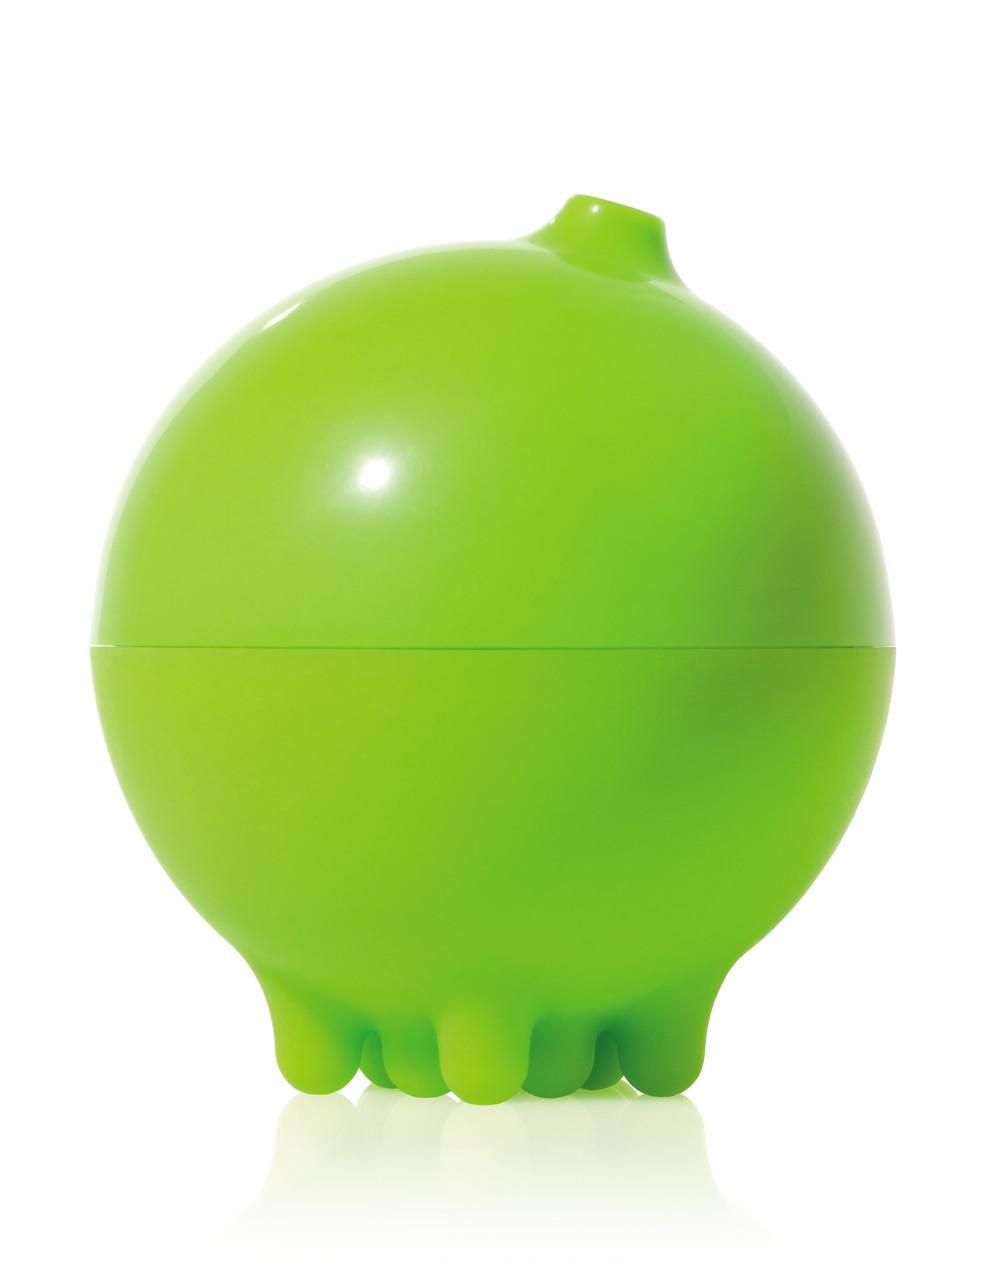 Плюи зеленый 2+, игрушка для ванны MOLUK